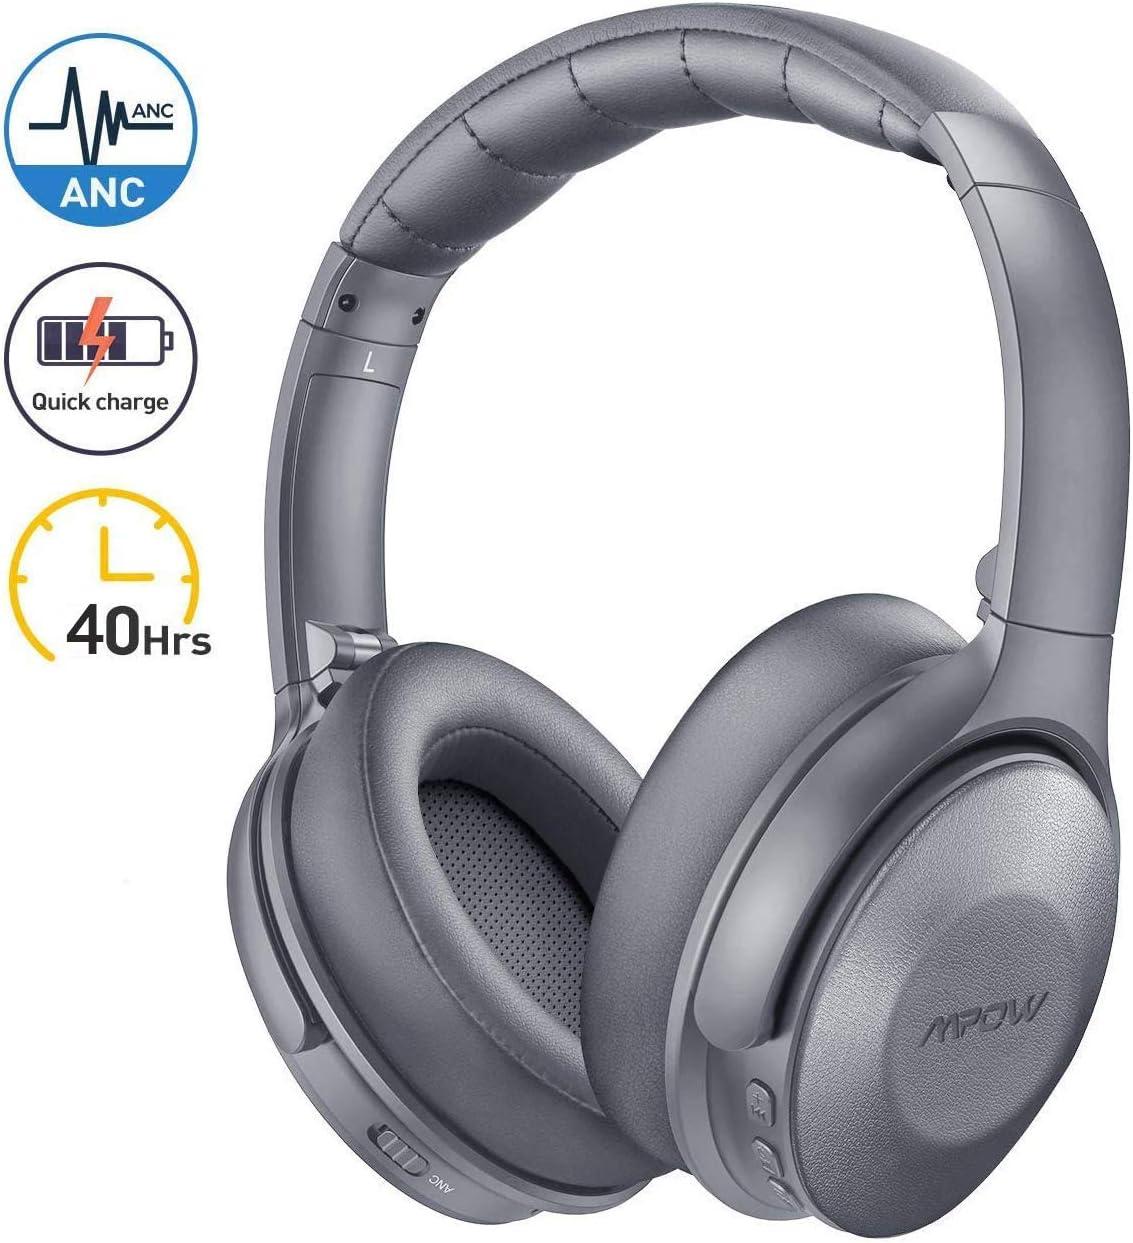 Mpow H17 Auriculares con Cancelación de Ruido, Cascos Bluetooth Diadema con Carga Rápida, 40 Hrs de Juego, Cascos Cancelación Ruido, Auriculares Diadema Bluetooth con Micrófono para TV/Móvil/PC-Gris